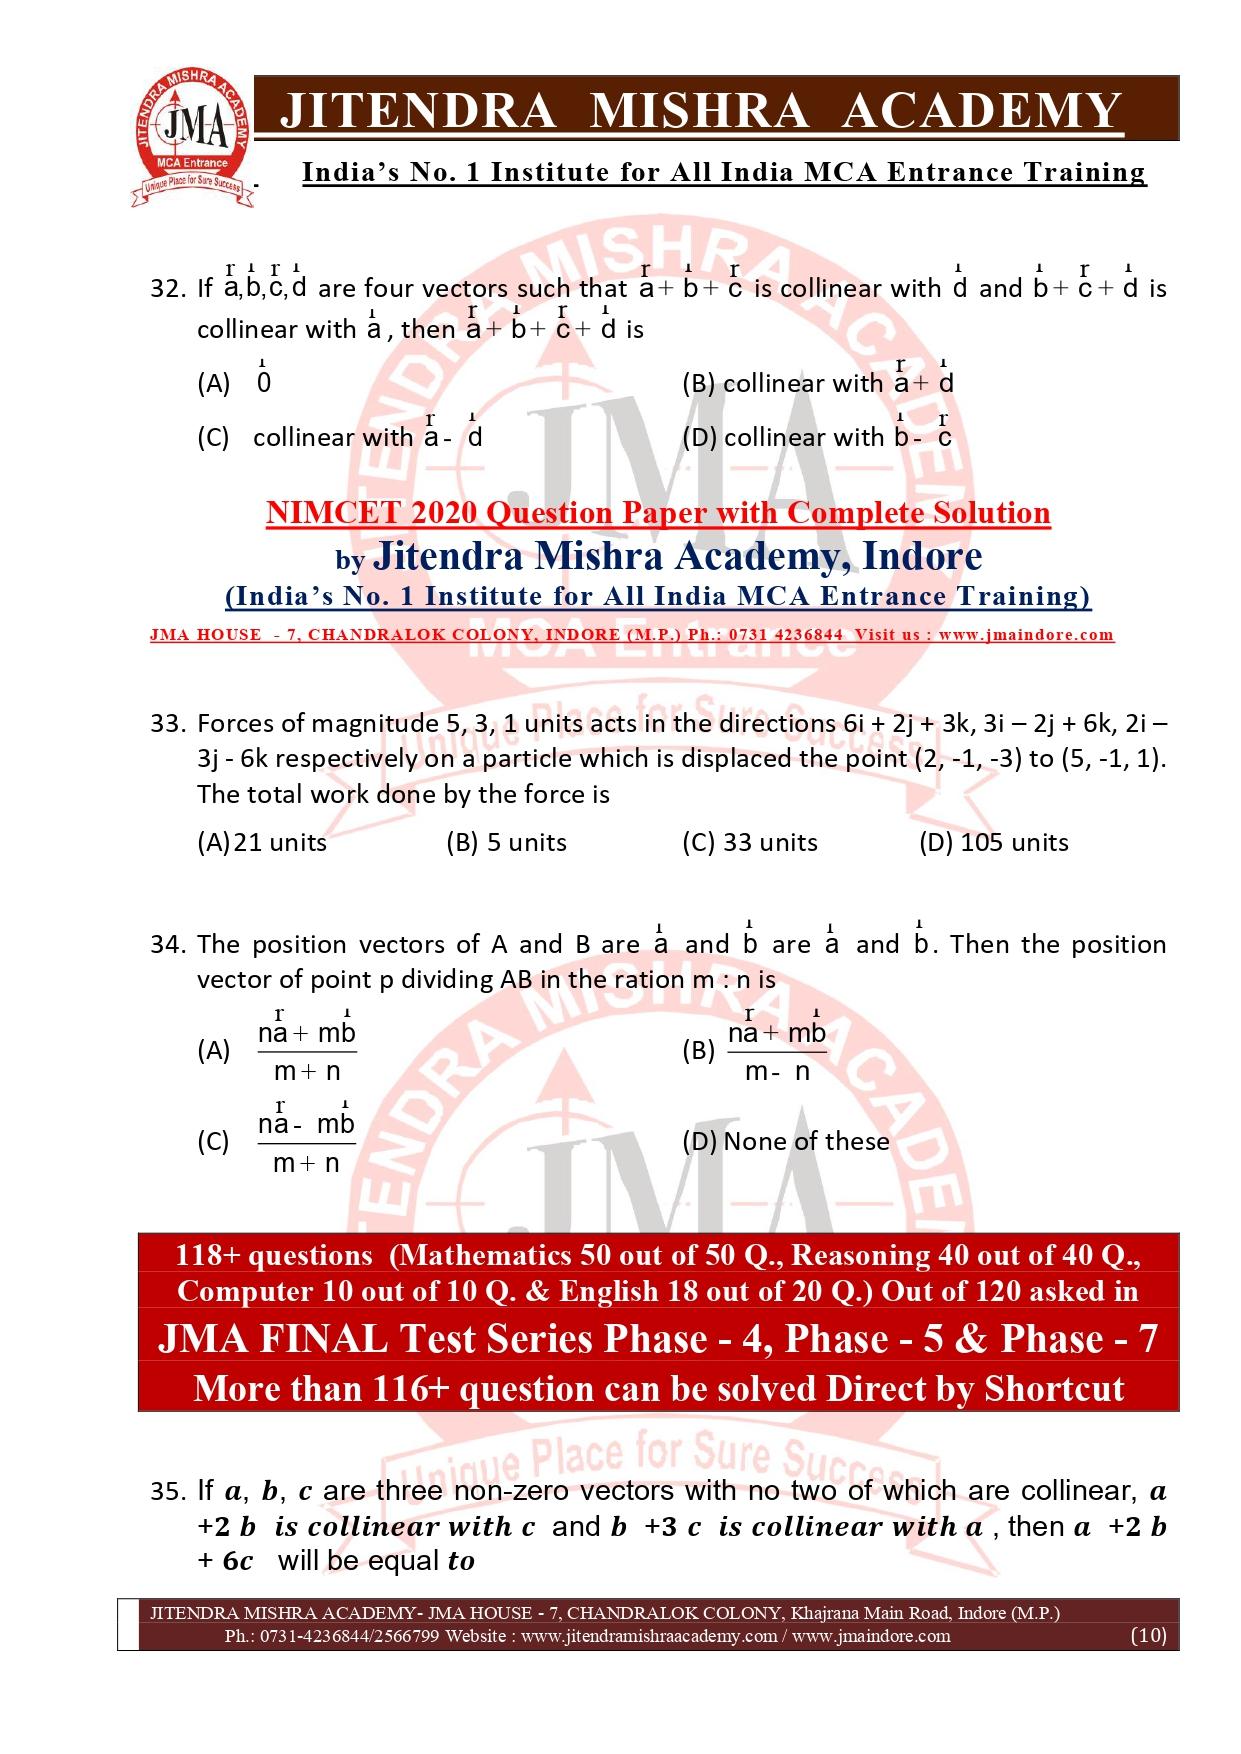 NIMCET 2020 QUESTION PAPER (FINAL)_page-0010